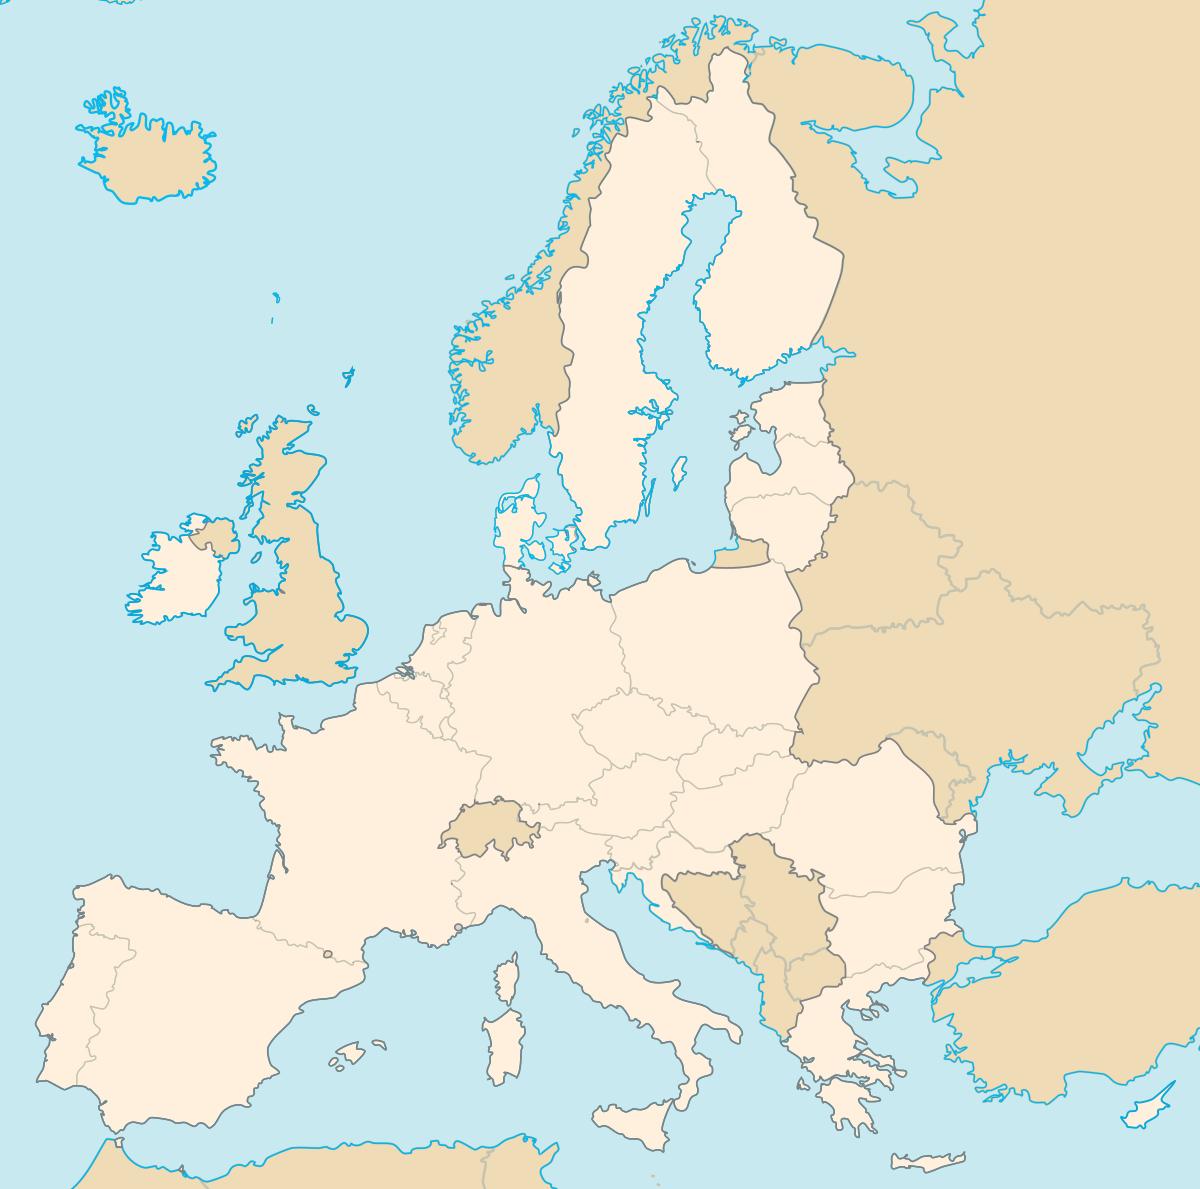 États Membres De L'union Européenne — Wikipédia intérieur Capitale Union Européenne